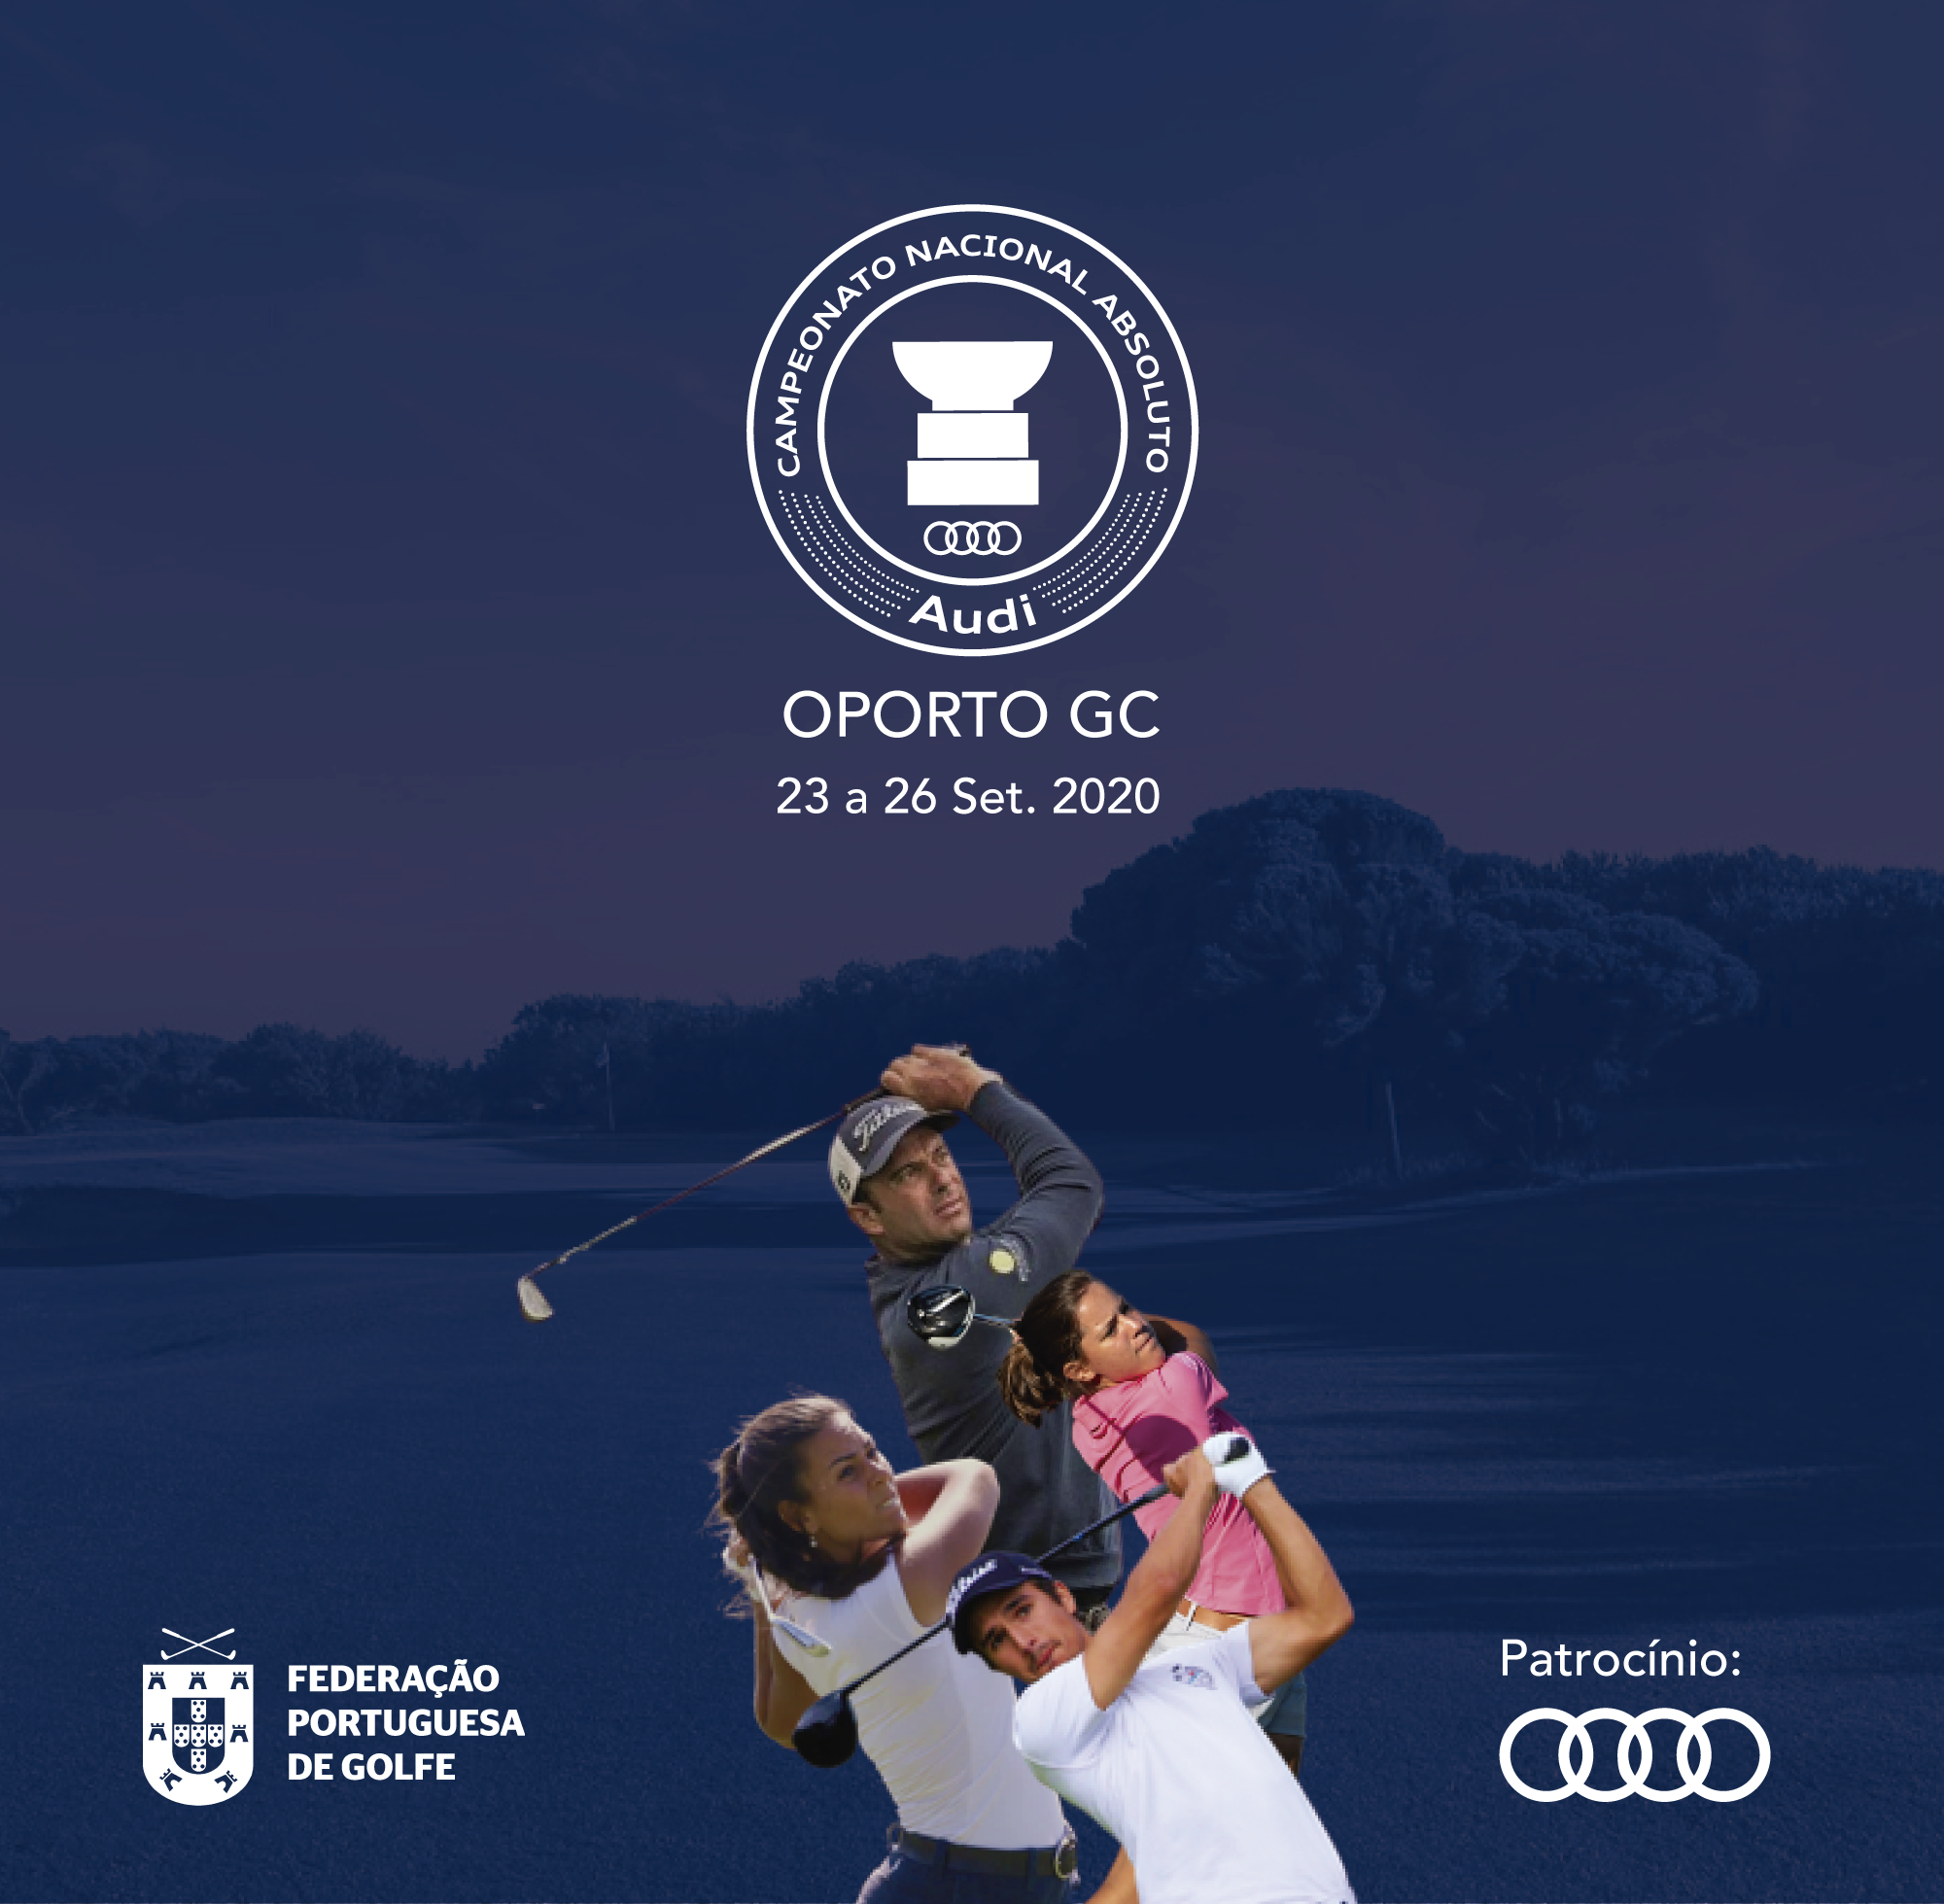 Campeonato Nacional Absoluto Audi – TORNEIO HISTÓRICO INICIA NOVA ERA NO GOLFE NACIONAL